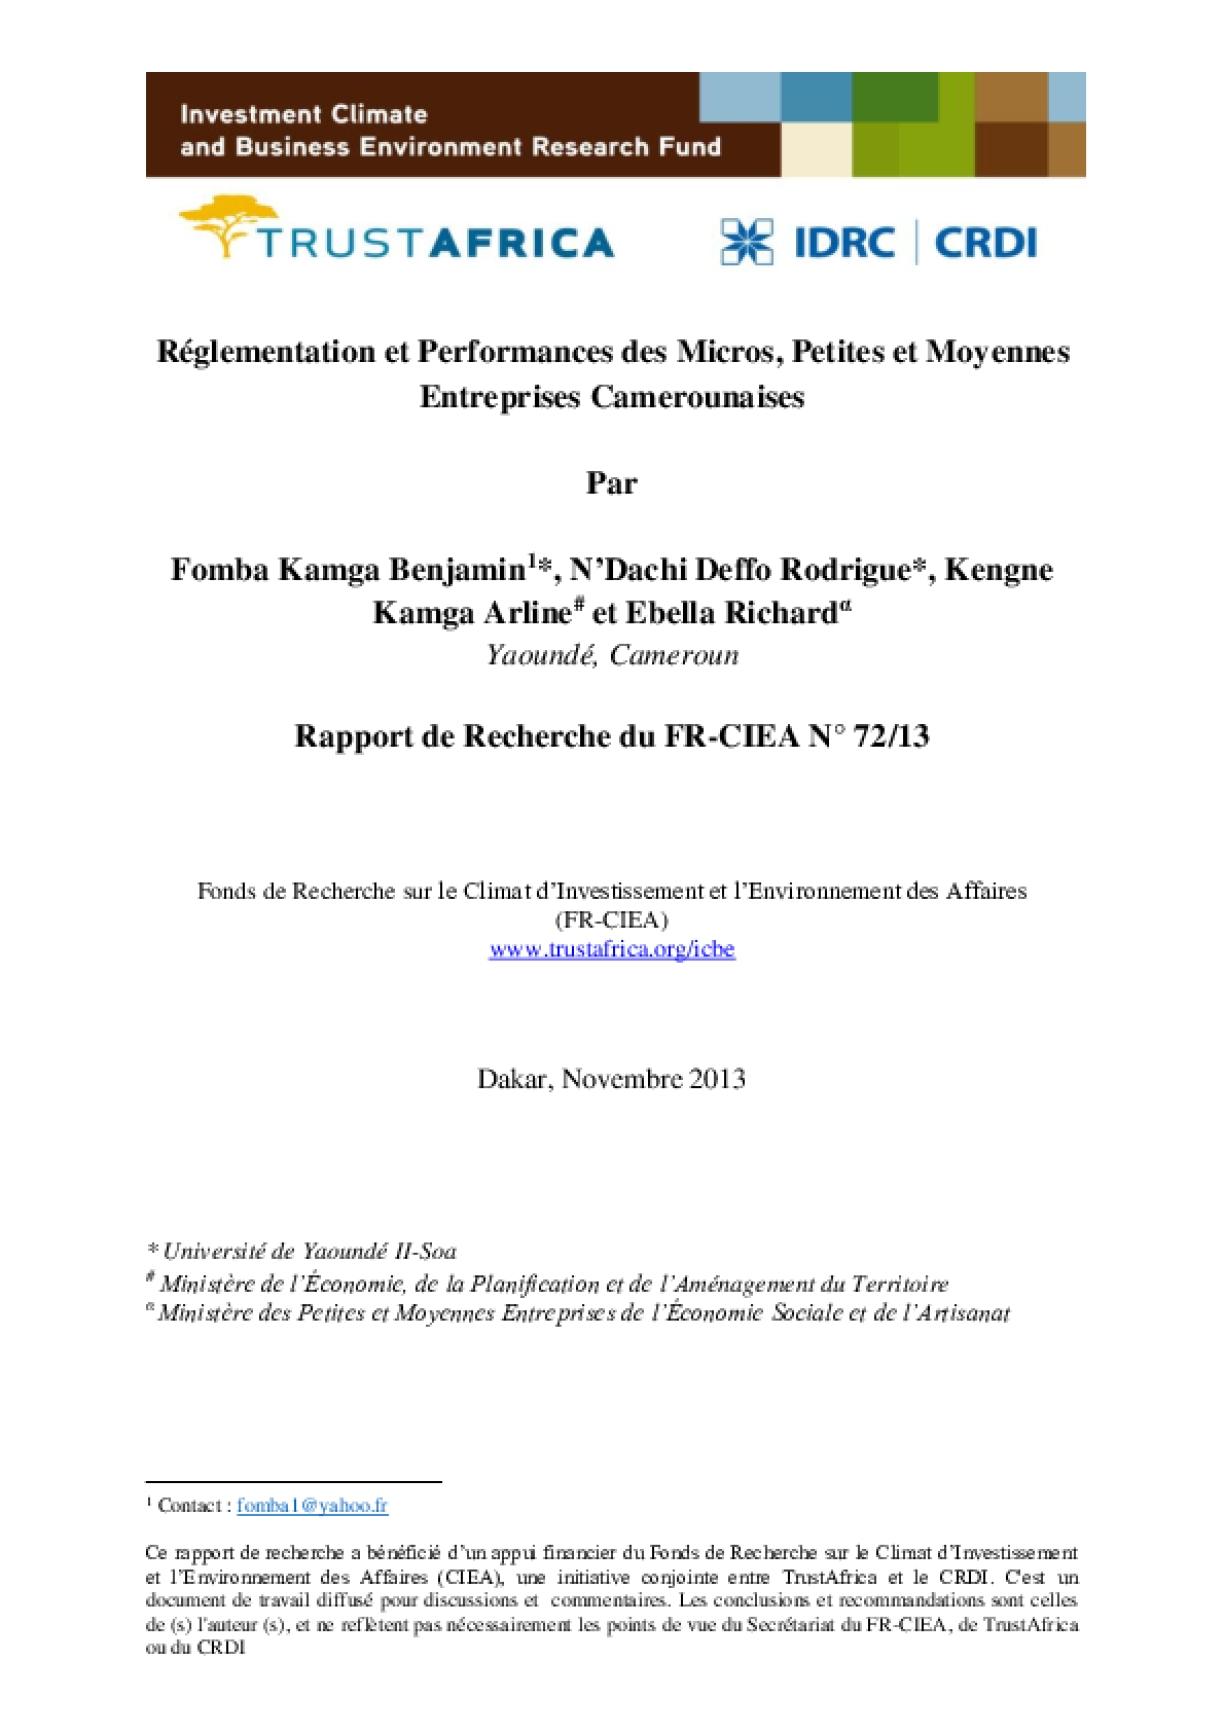 Réglementation et Performances des Micros, Petites et Moyennes Entreprises Camerounaises